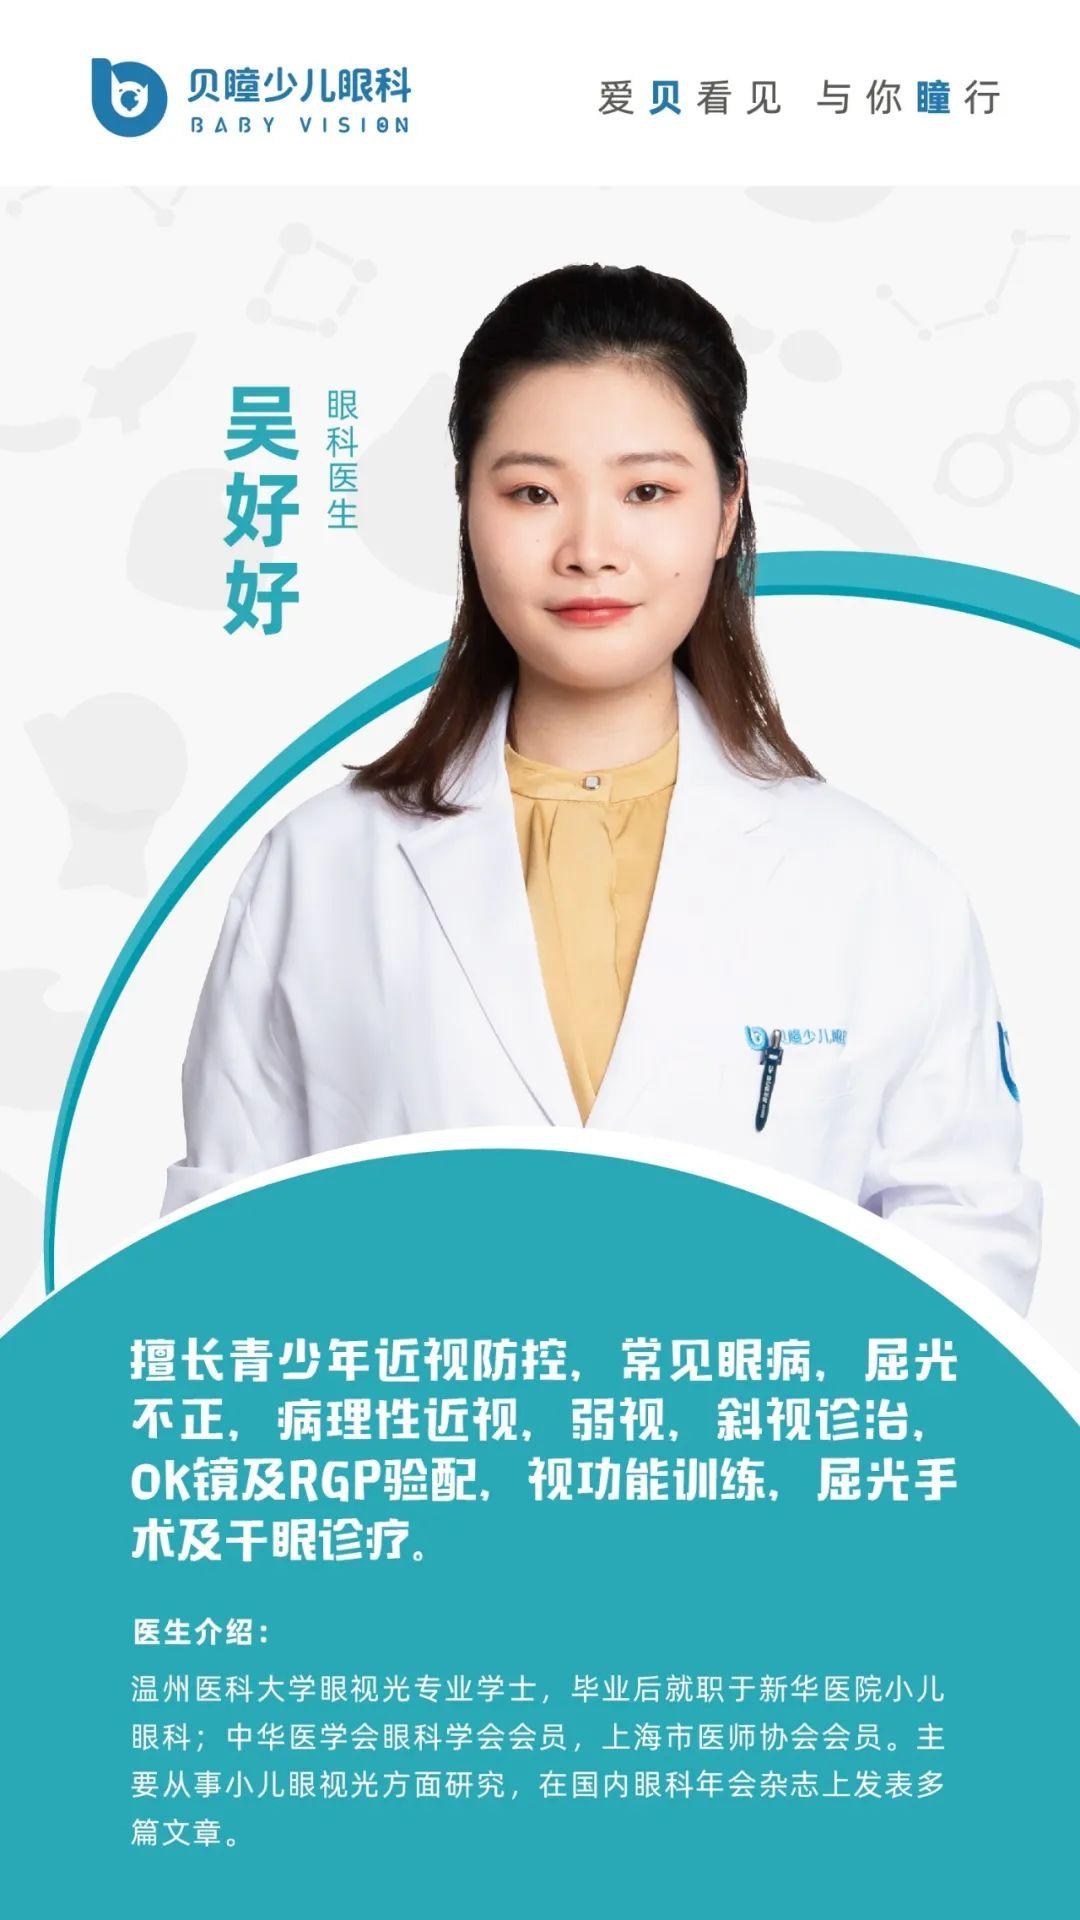 上海贝瞳佳视眼科门诊部吴好好:是耐心好医生,也是魔法小厨娘哦